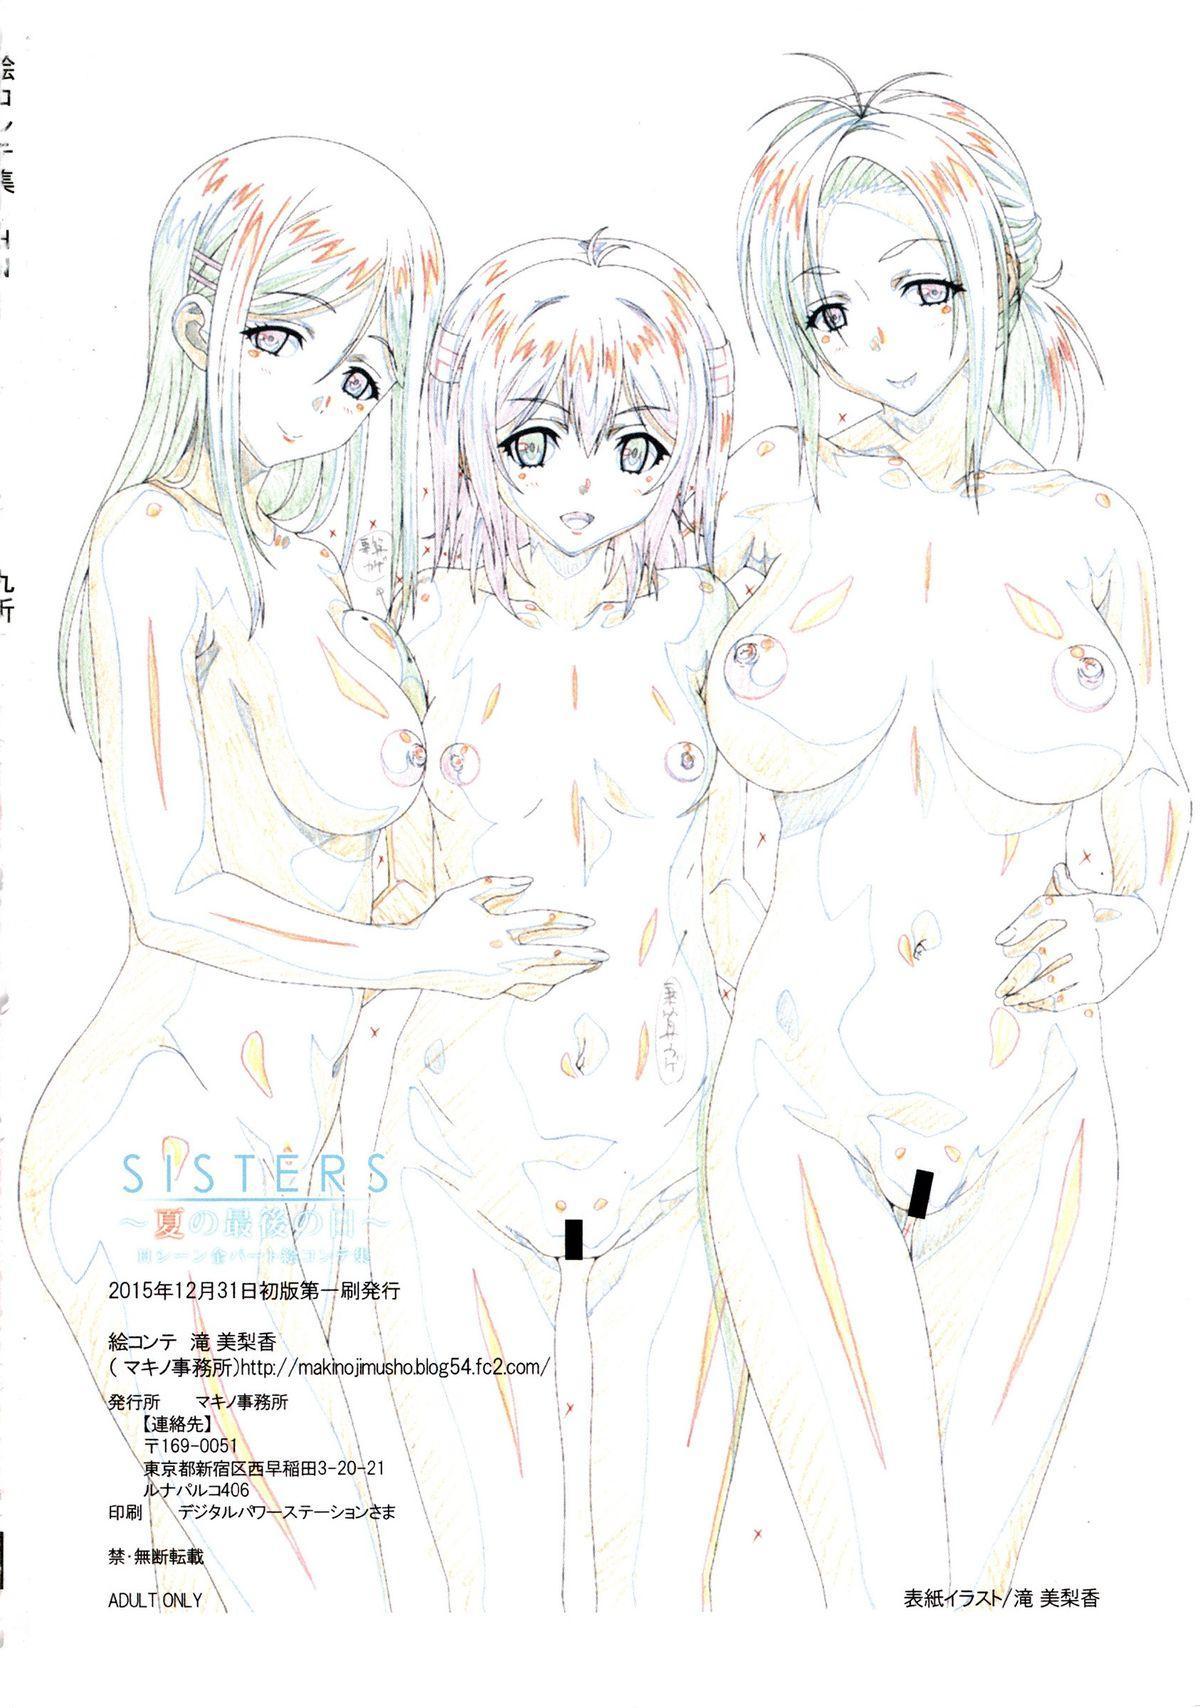 (C89) [Makino Jimusho (Taki Minashika)] SISTERS -Natsu no Saigo no Hi- H Scene All Part Storyboard (SISTERS -Natsu no Saigo no Hi-) 145